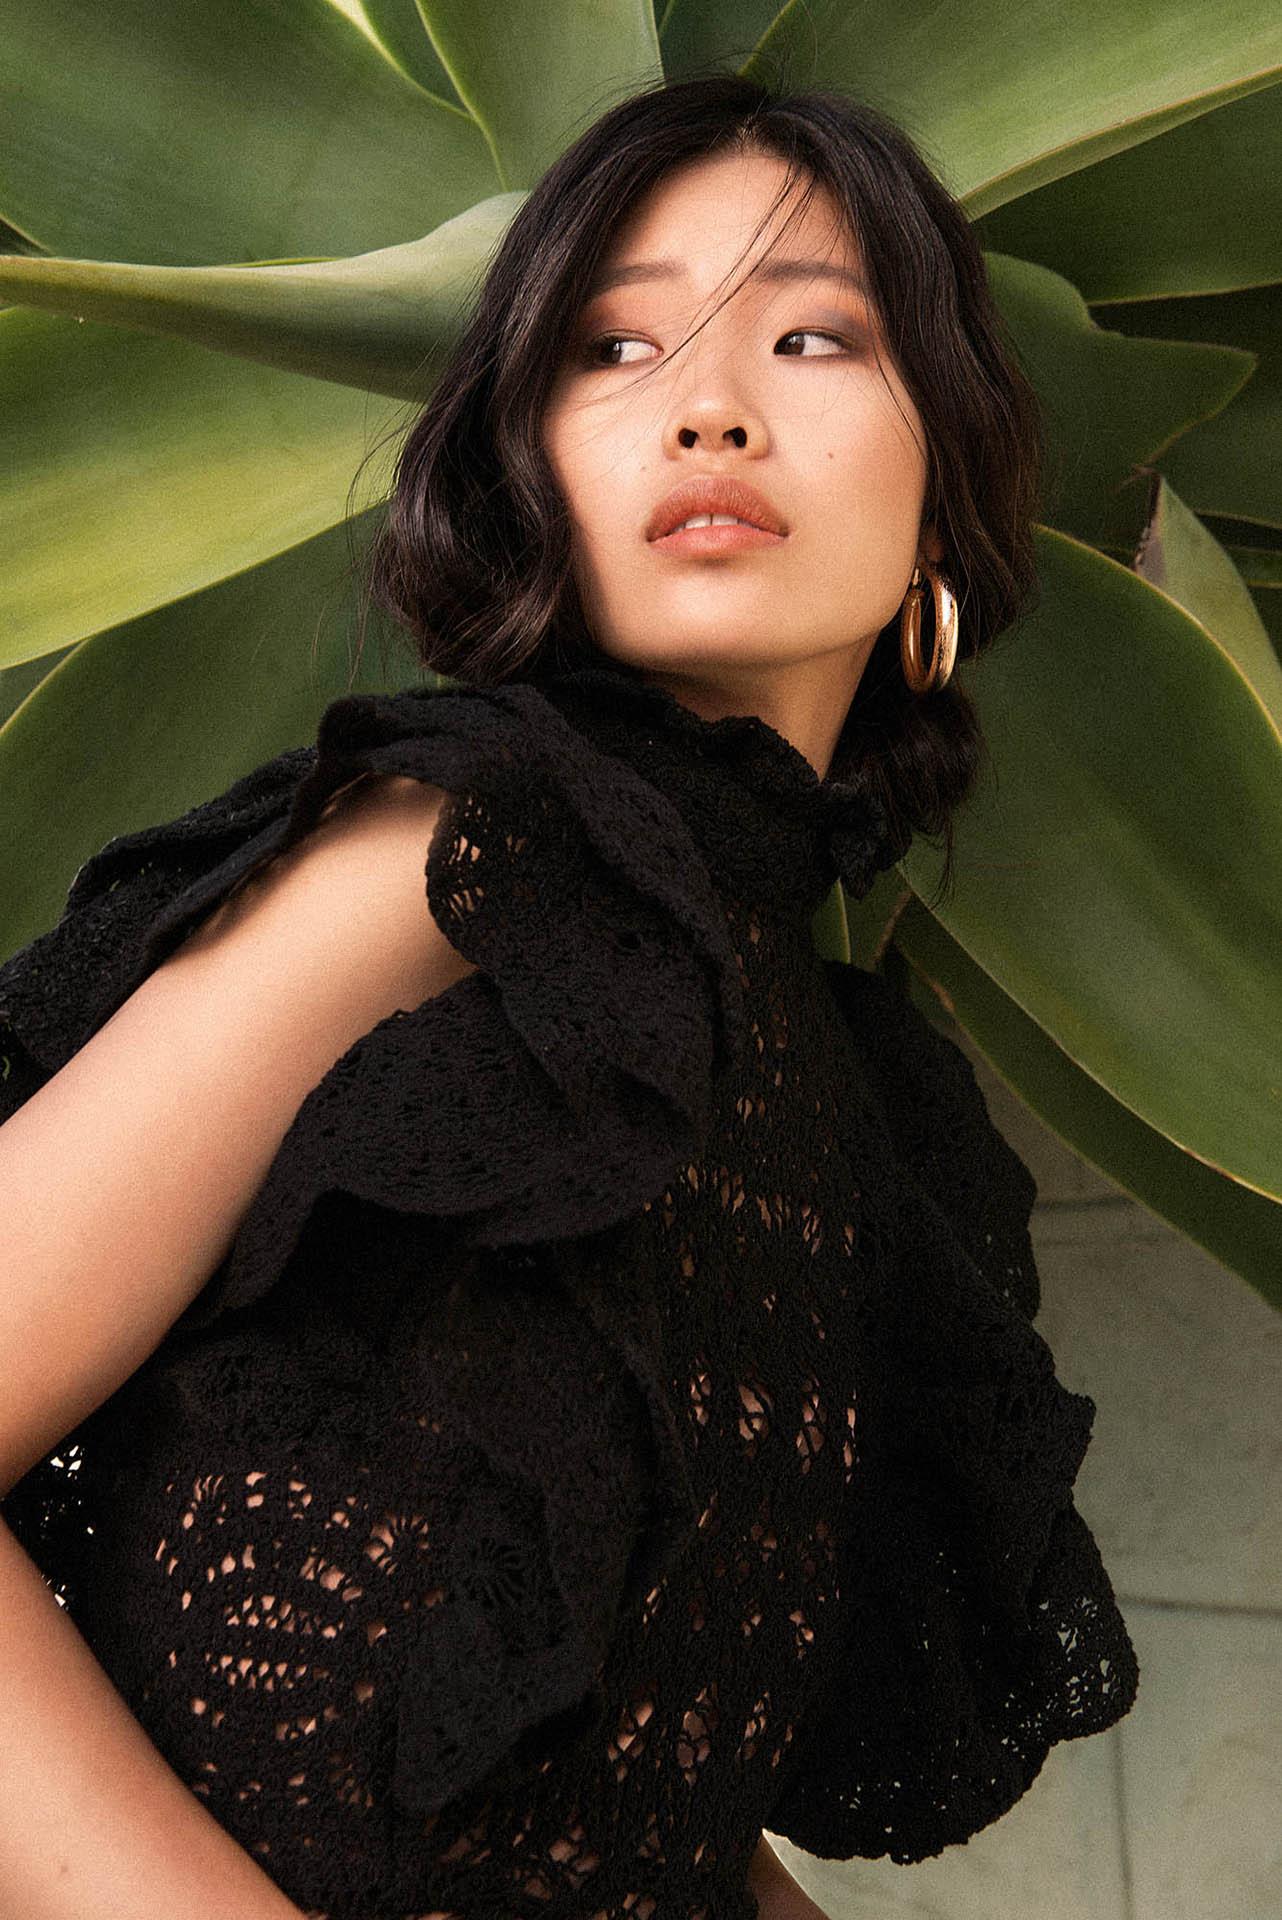 Découverte jeune talent : la photo de mode par Mary Ruffinoni